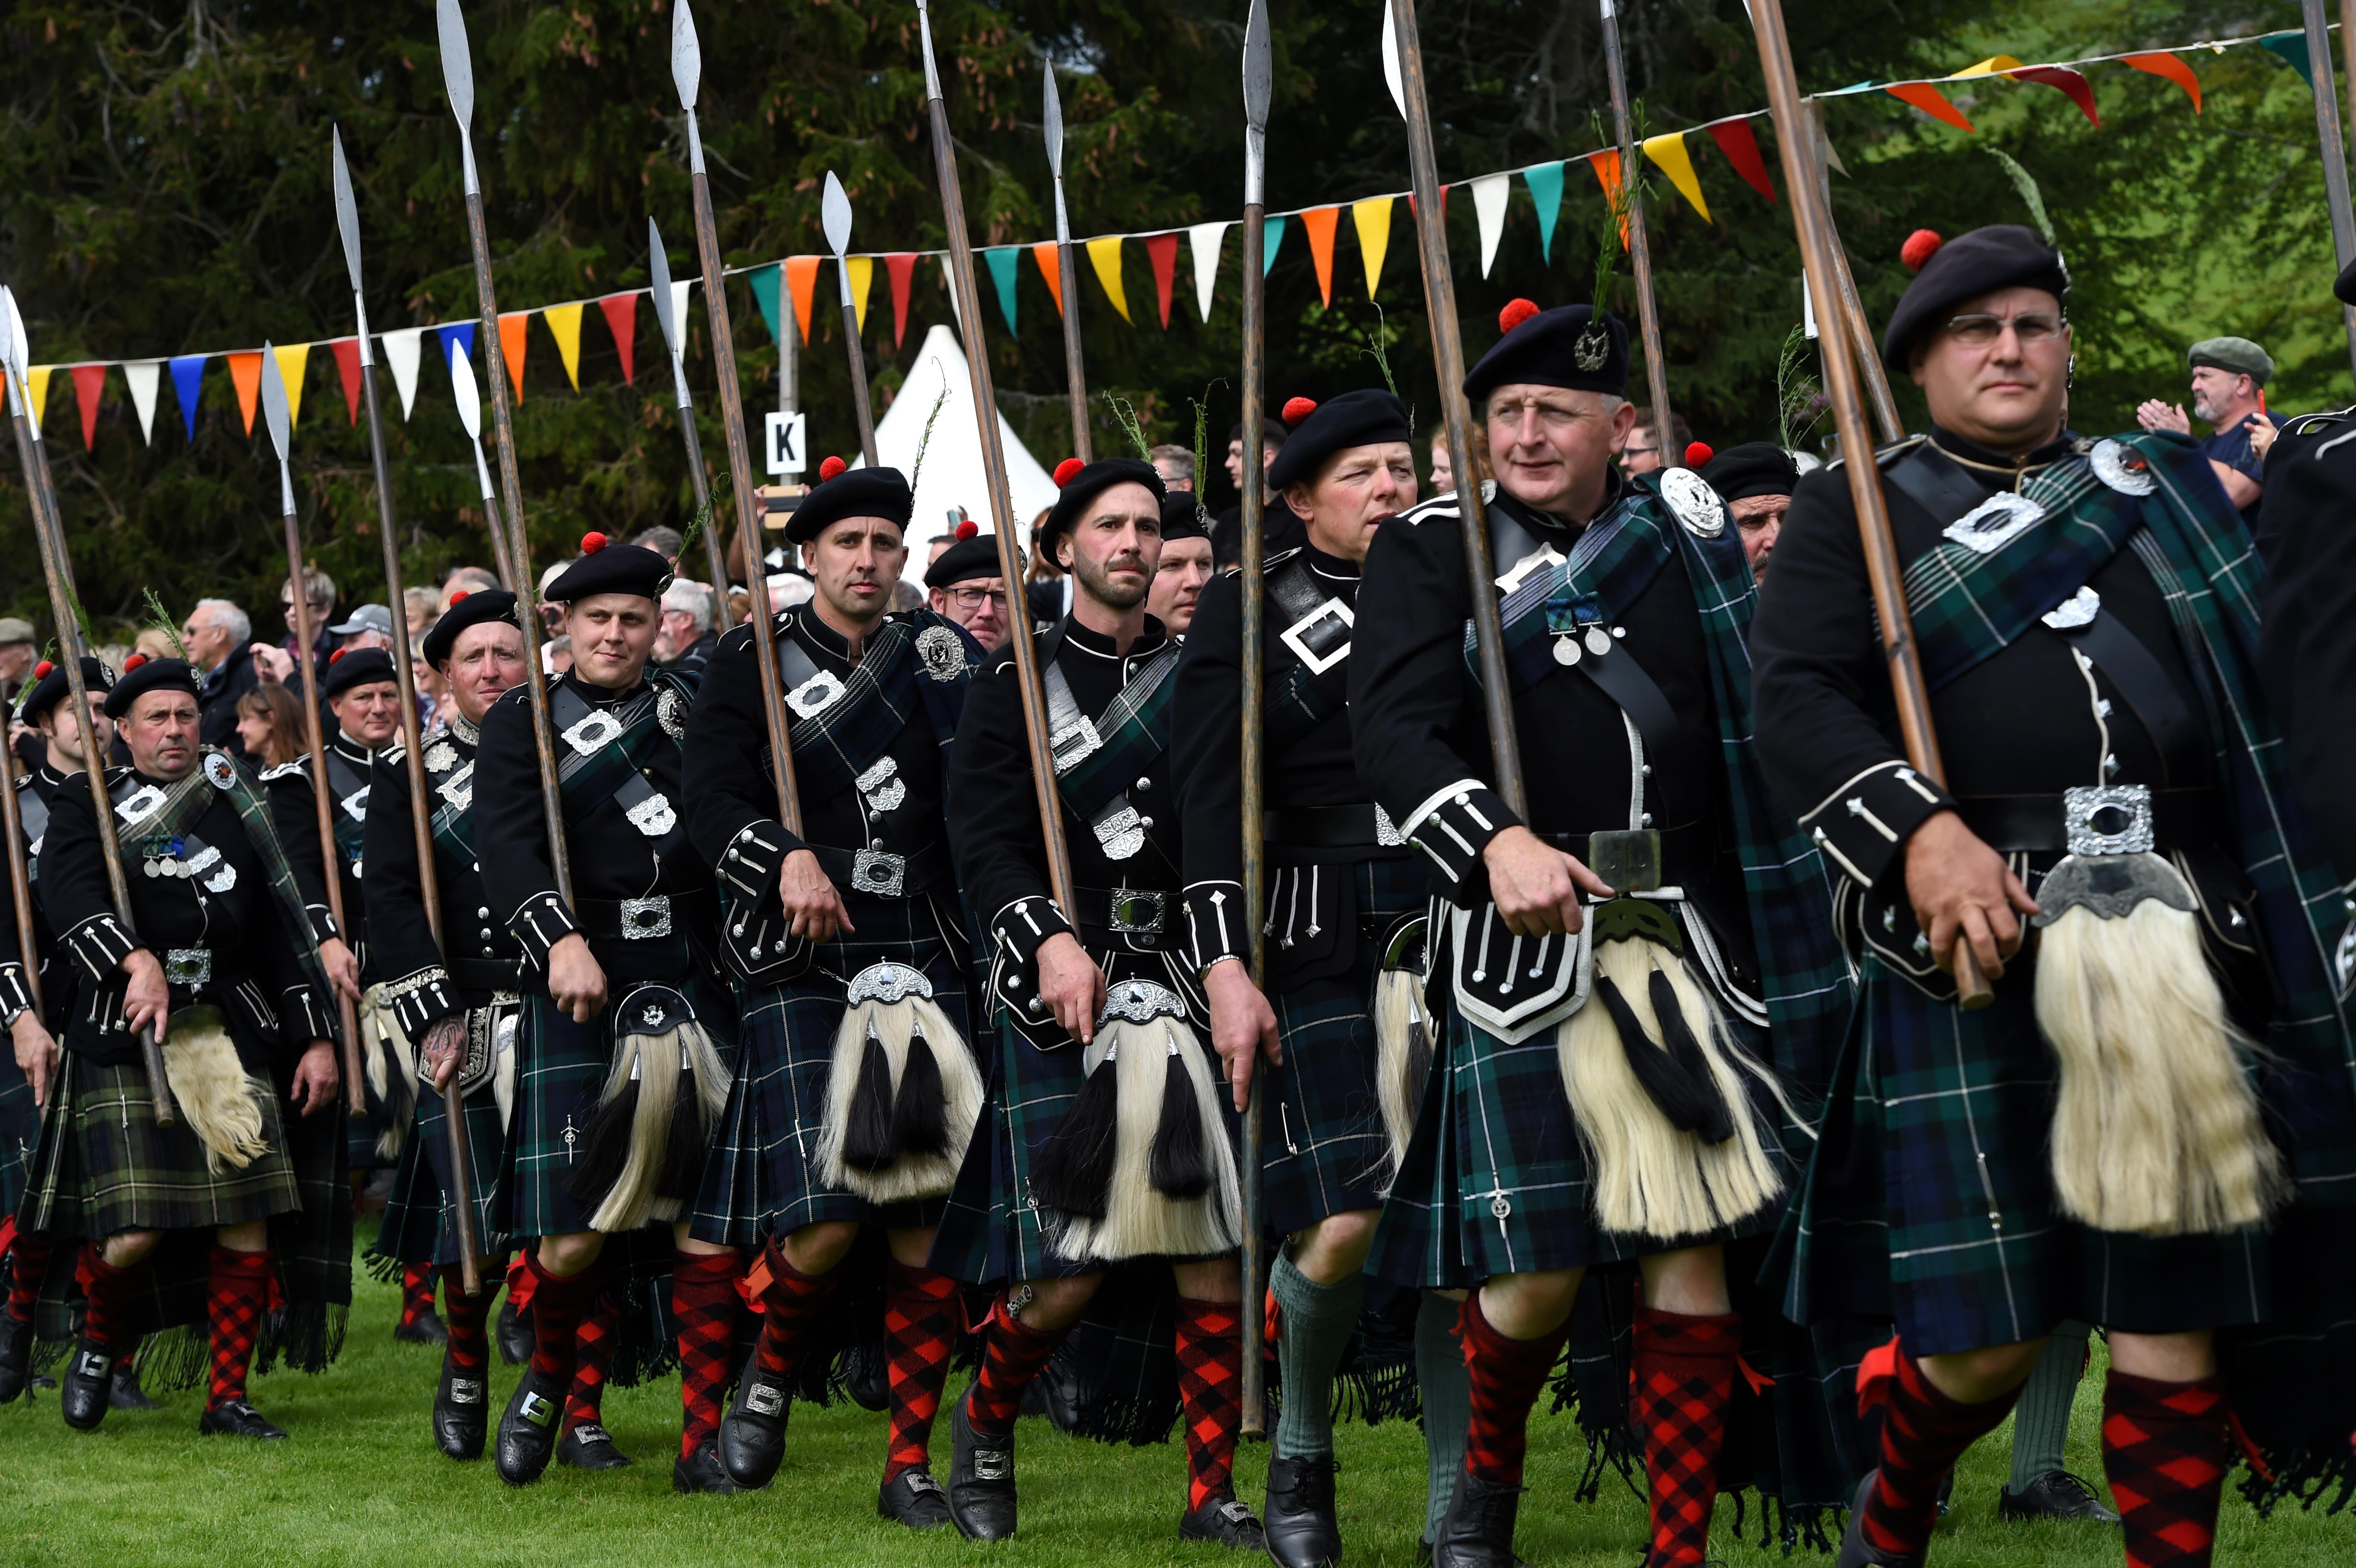 Lonach Highland Gathering & Games